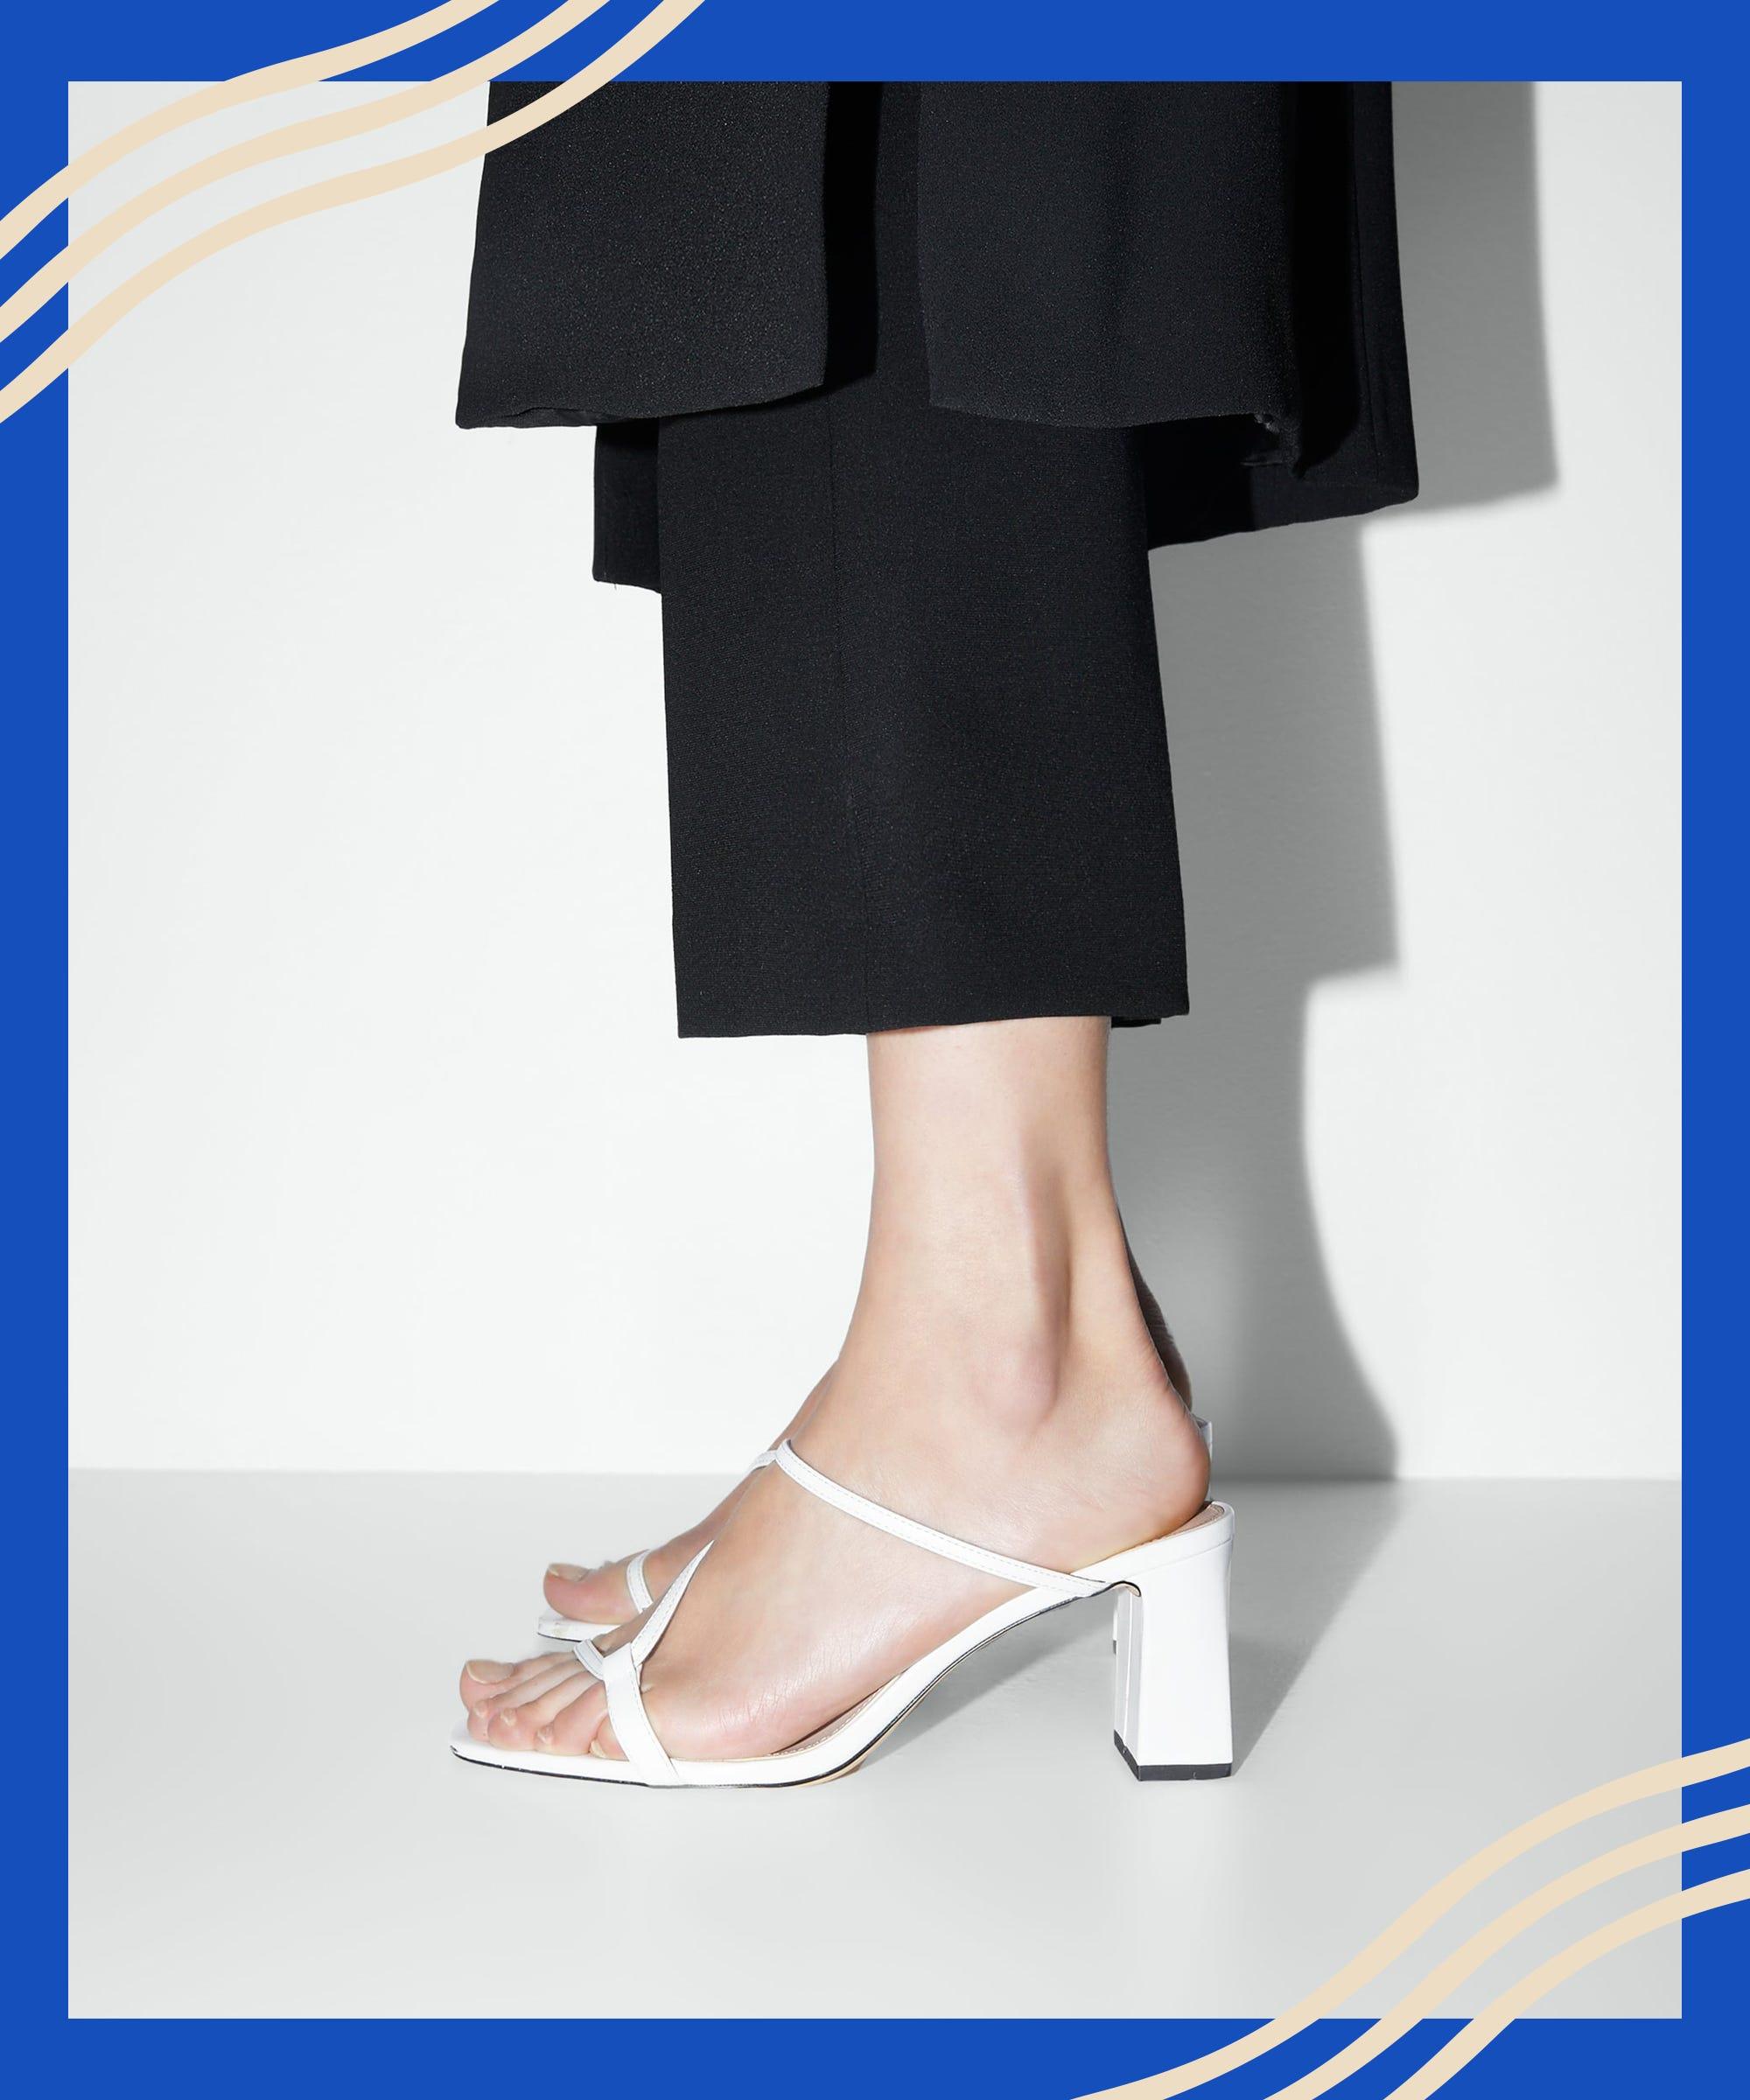 bb4ef439783 Best Low Block Heel Sandals - Summer Shoe Styles 2019